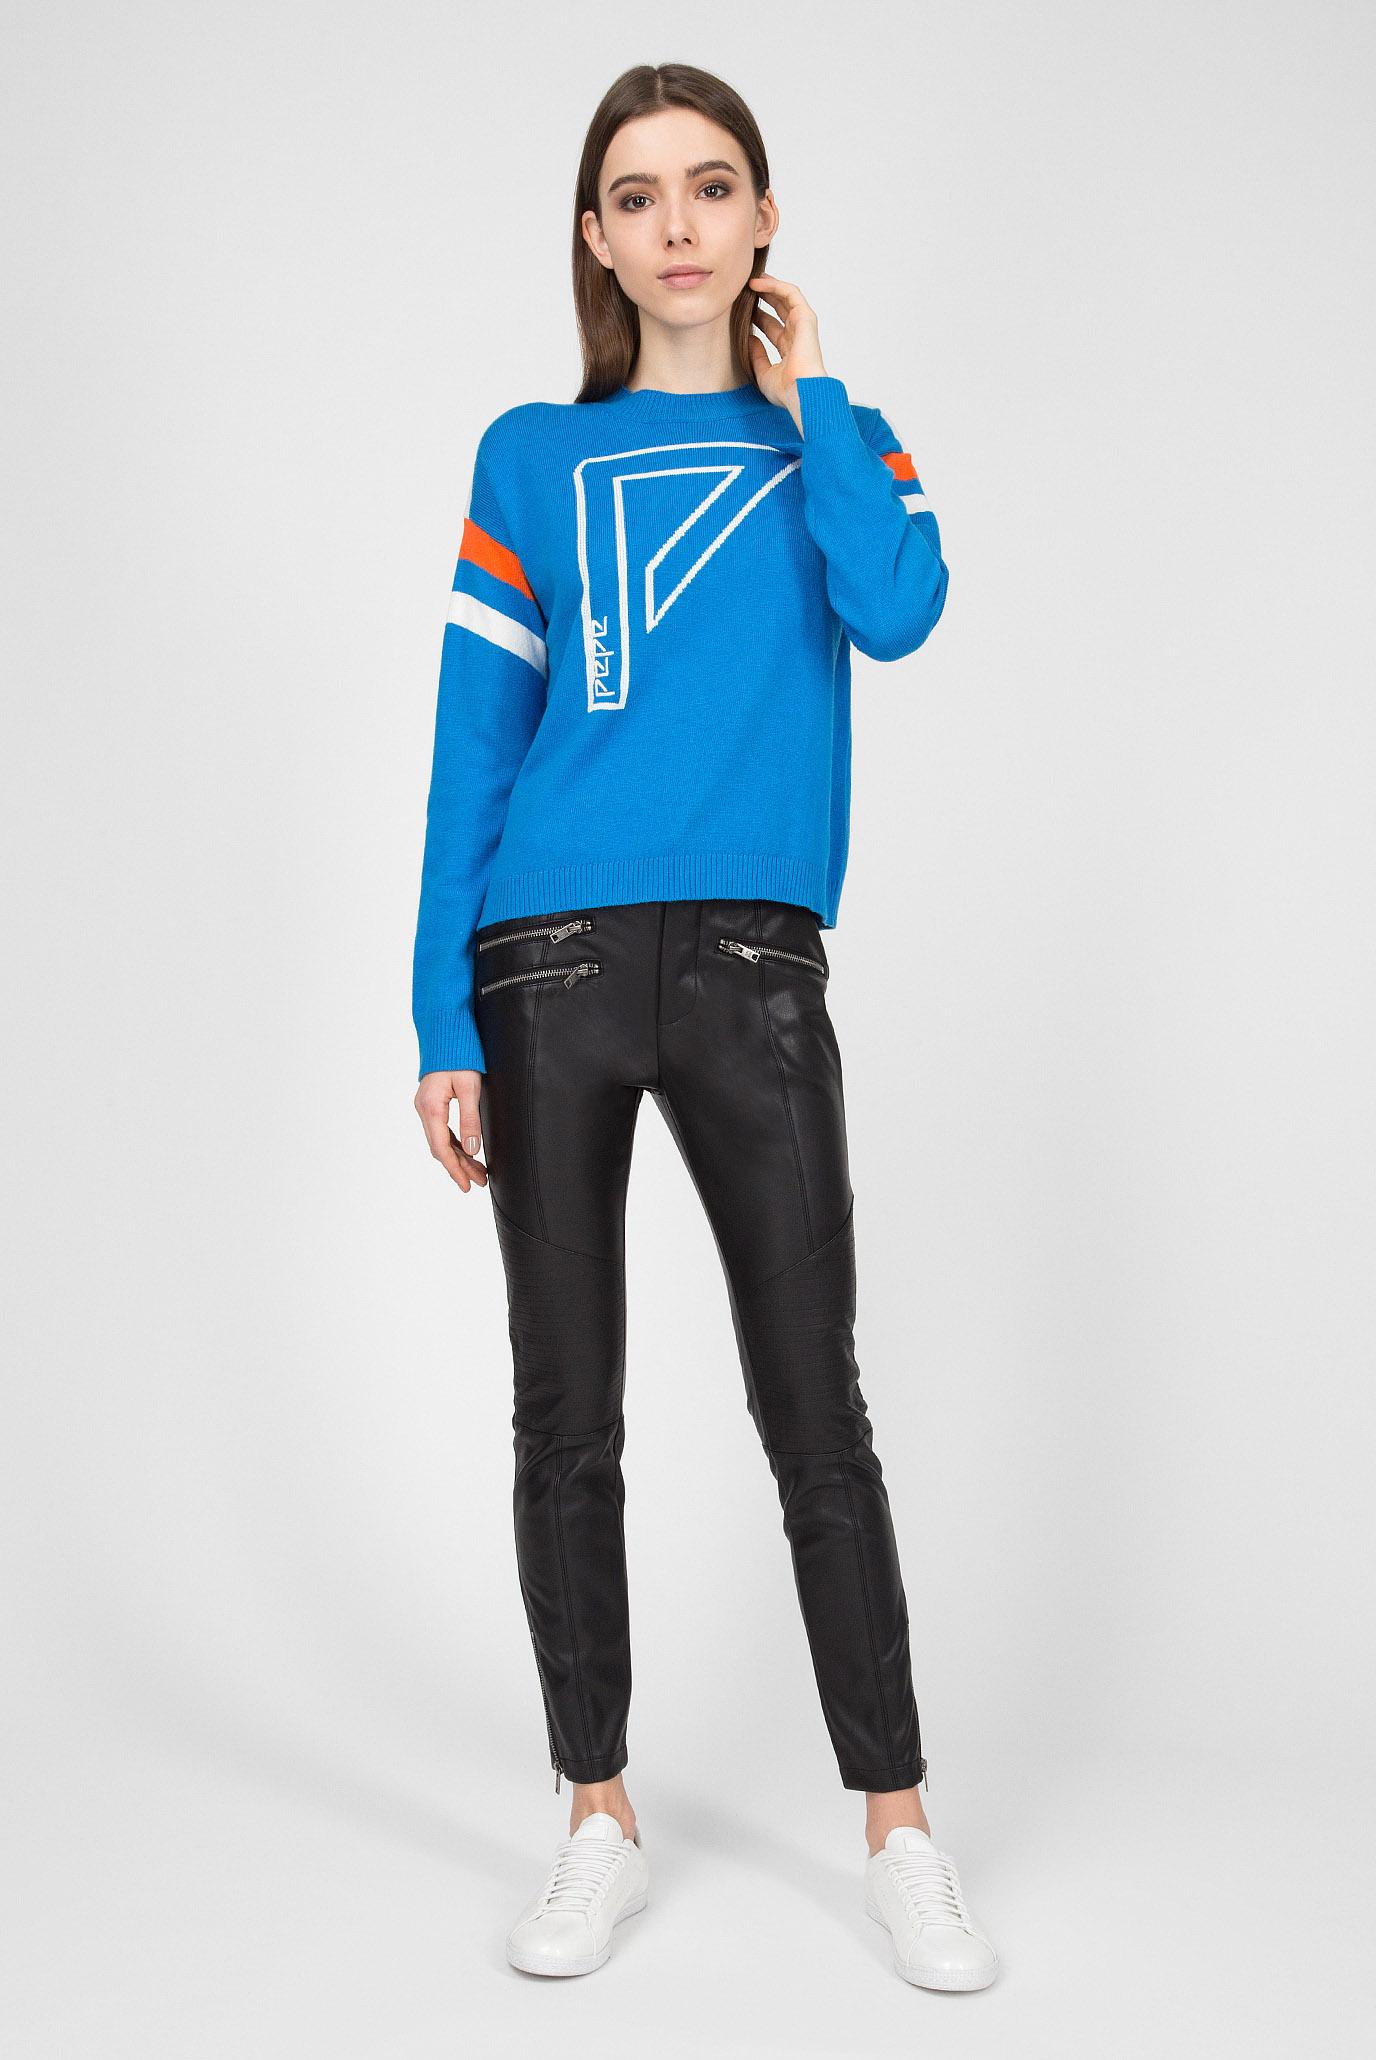 Купить Женский голубой джемпер ADA Pepe Jeans Pepe Jeans PL701356 – Киев, Украина. Цены в интернет магазине MD Fashion